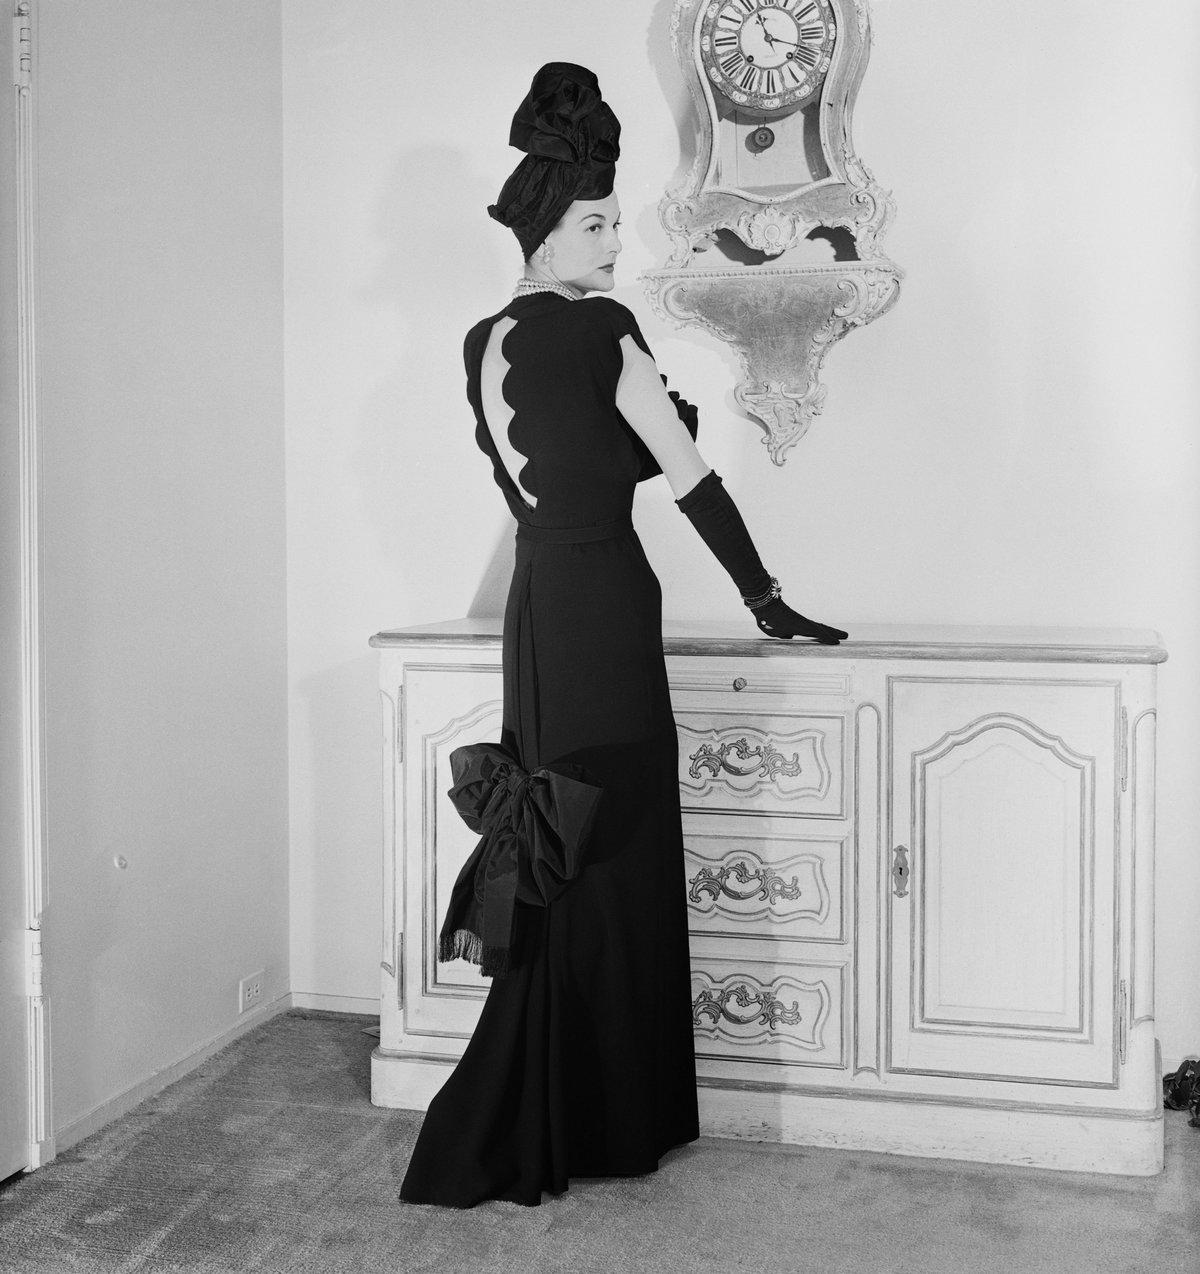 коллекция черно белых фотографий поселке пересыпь ракушечный